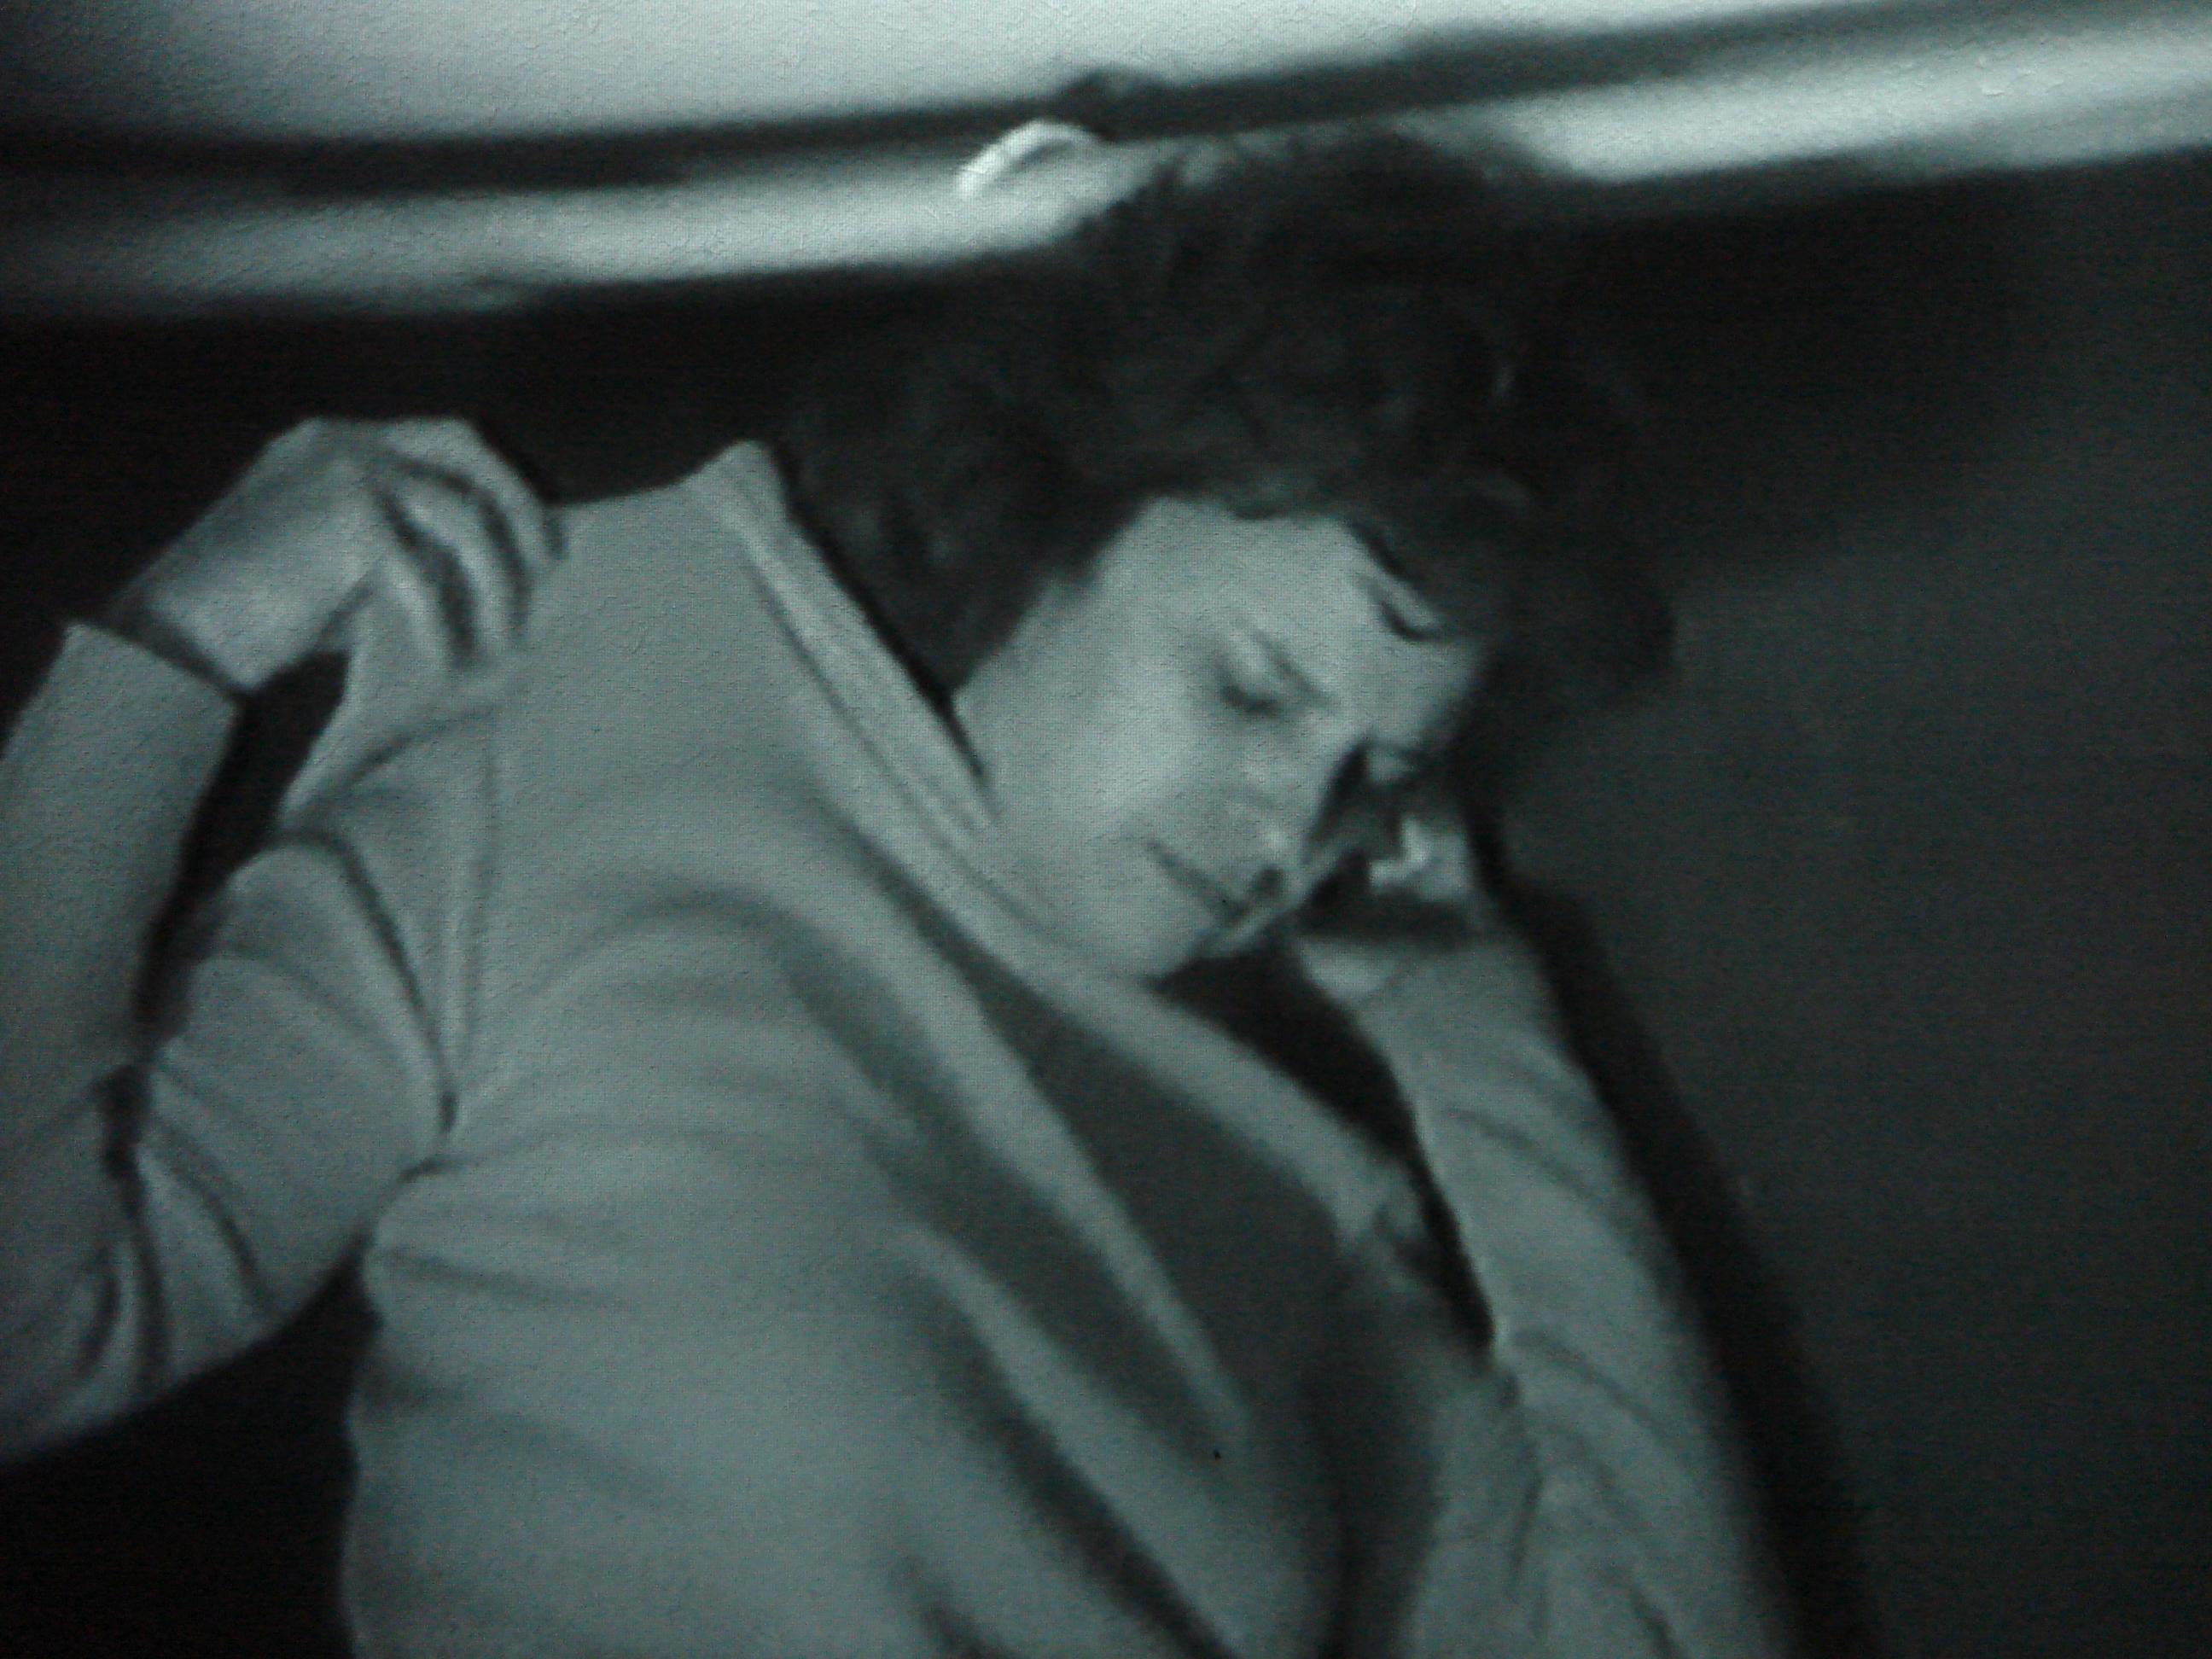 Letícia Parente, Wewnątrz, 1975, dzięki uprzejmości André Parente